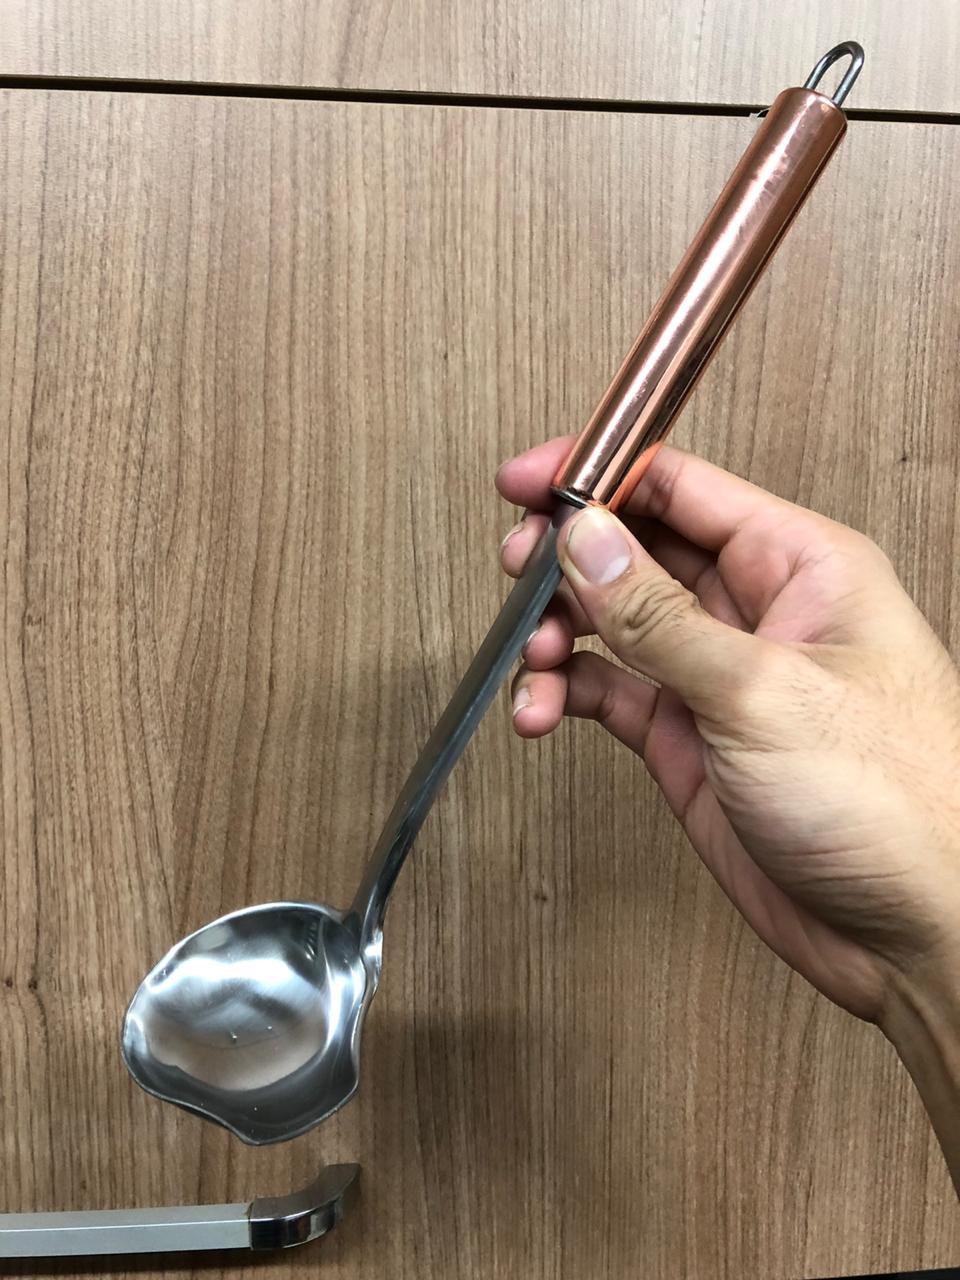 concha para molhos feijão sopa aço inox rose cobre mimostyle